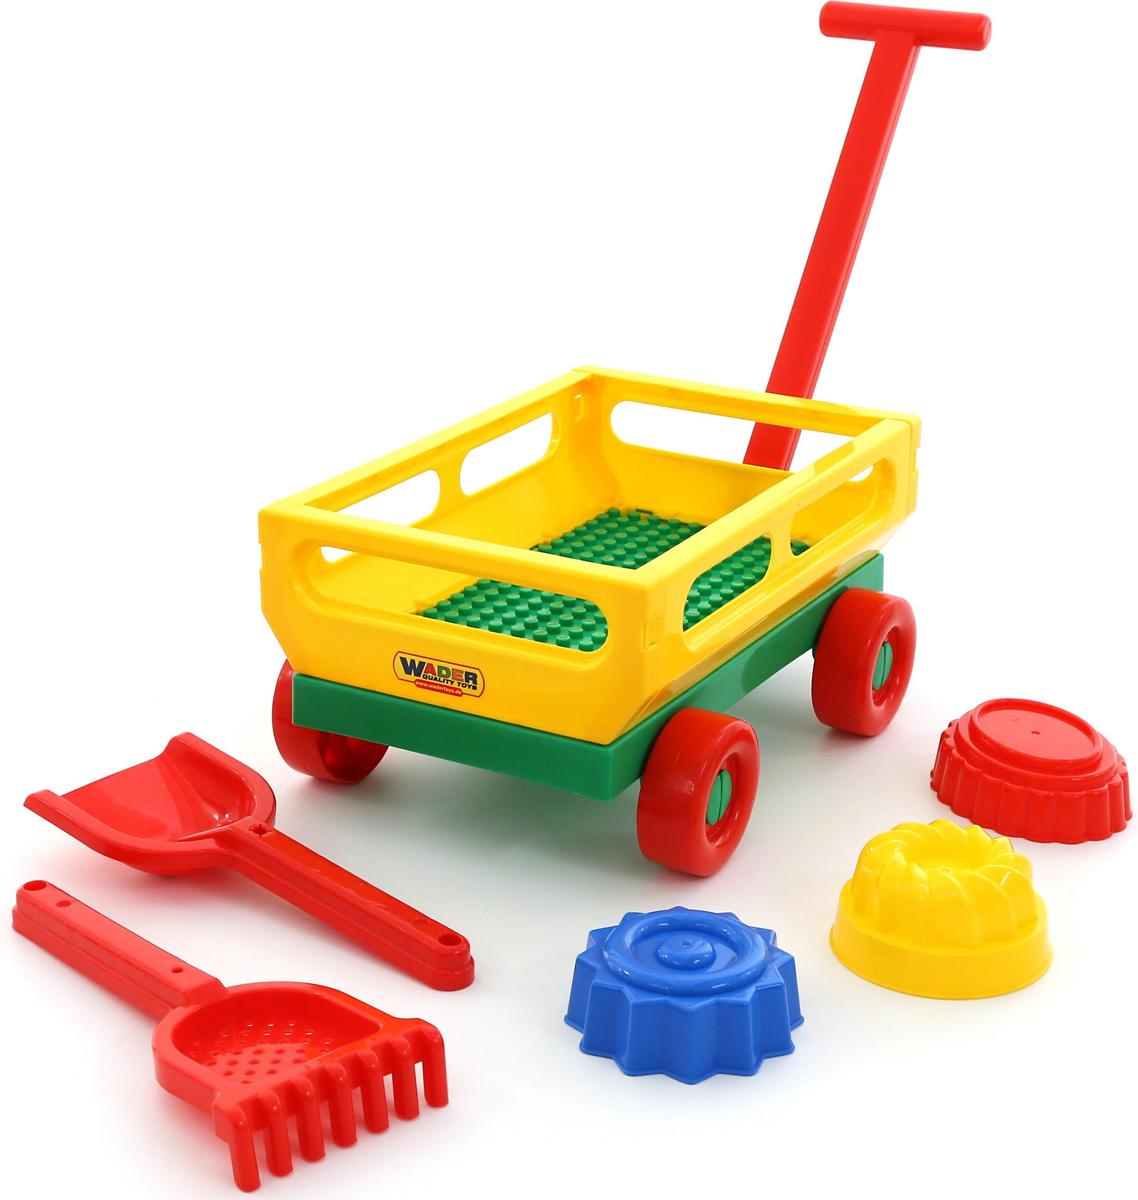 Полесье Набор игрушек для песочницы №481, цвет в ассортименте